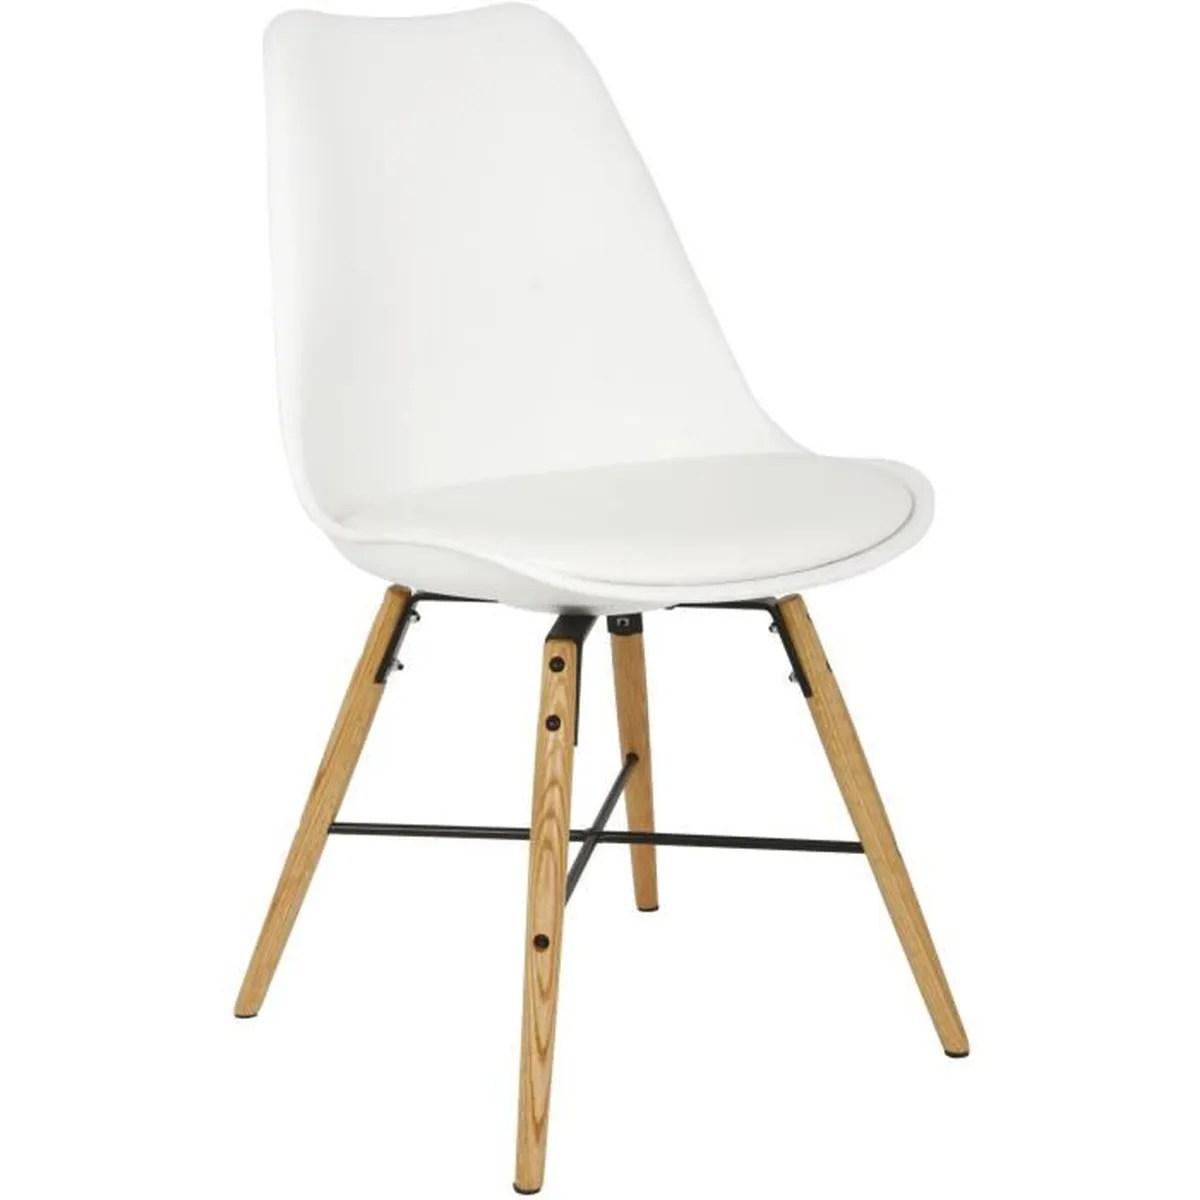 chaise chaise scandinave avec coussin integre bingo lot